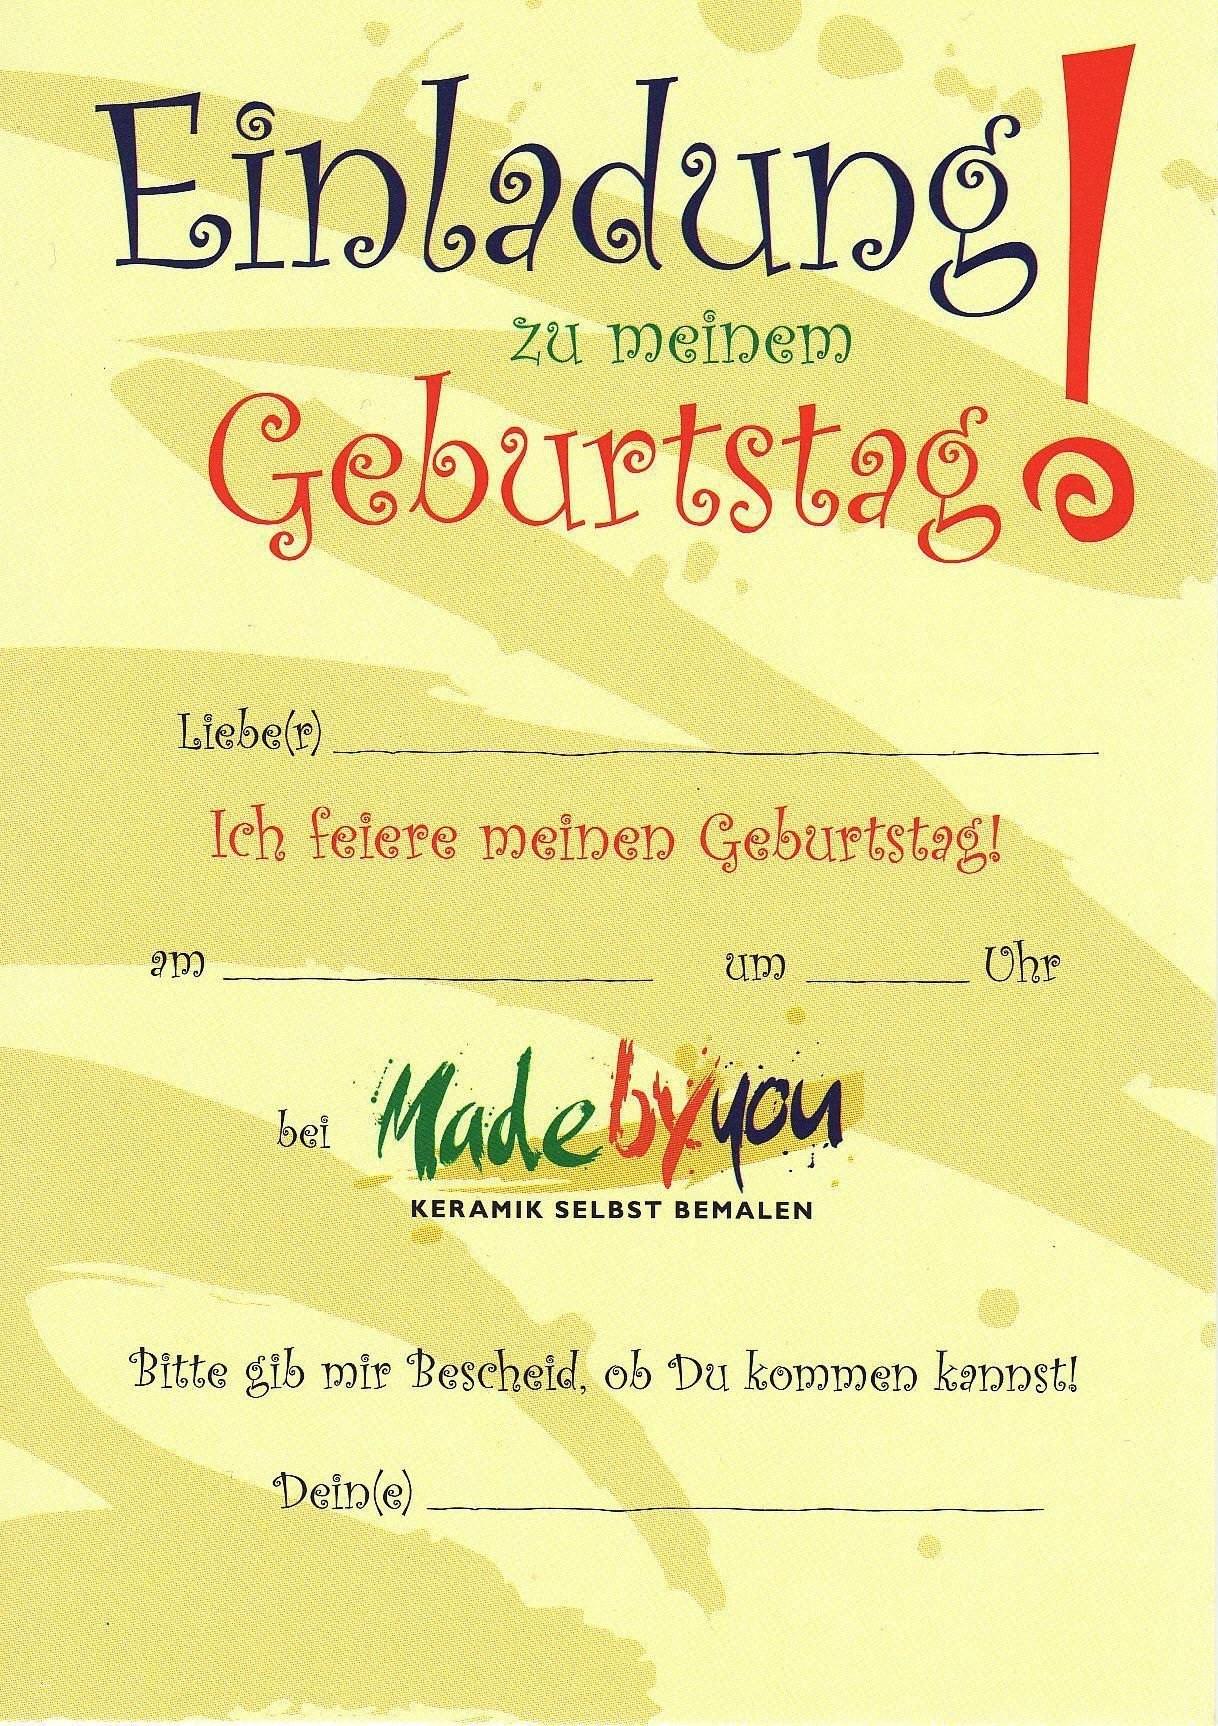 Geburtstagskarte Ausdrucken Kostenlos Das Beste Von Geburtstagskarte 18 Geburtstag Unique Eiladungskarten Genial Sammlung